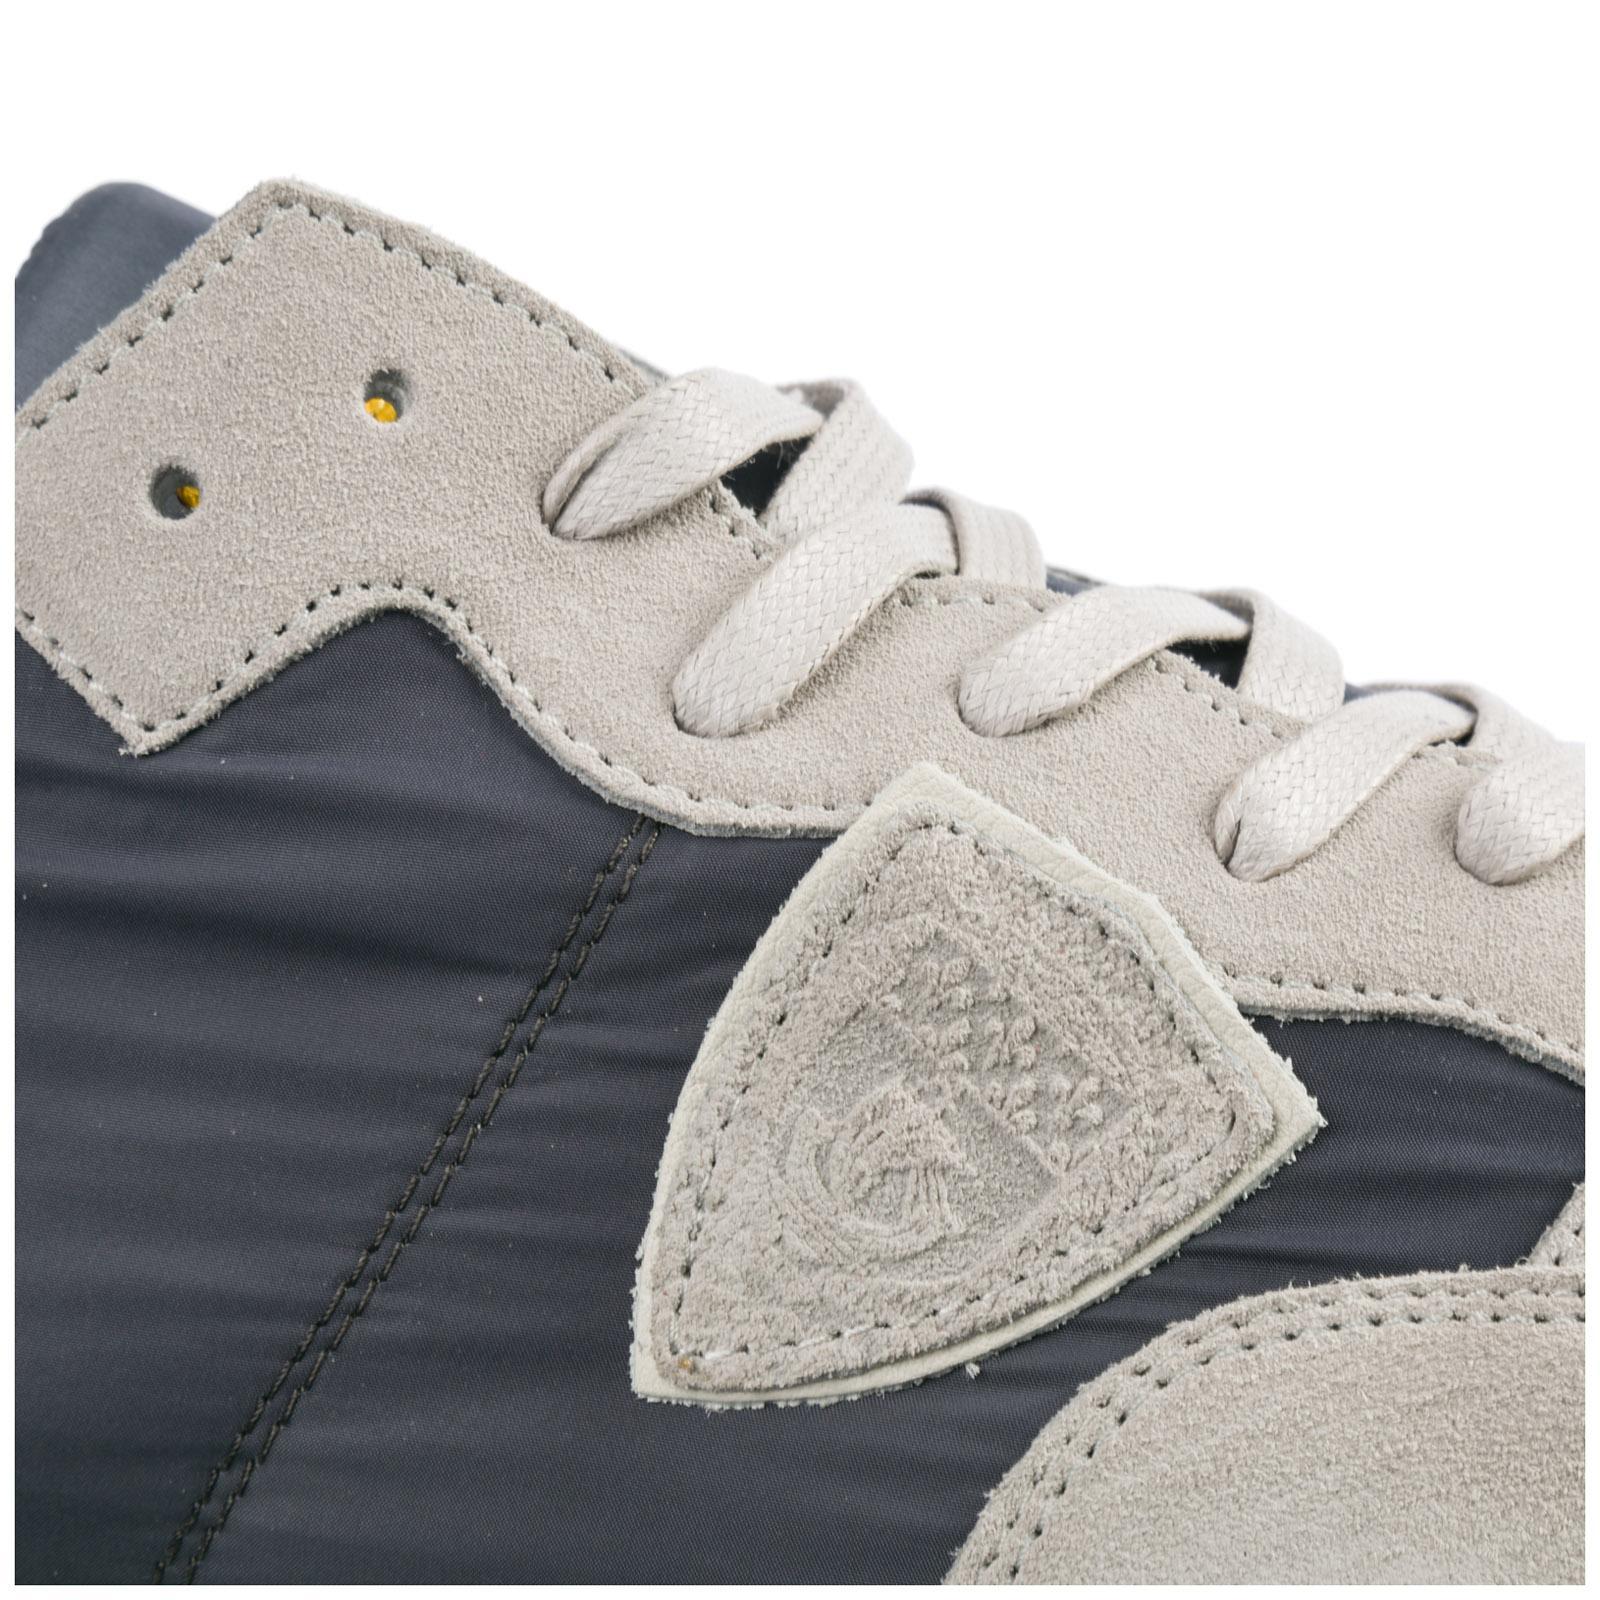 8f332dce5df67 Philippe Model - Multicolor Scarpe Sneakers Uomo Camoscio Tropez for Men -  Lyst. View fullscreen